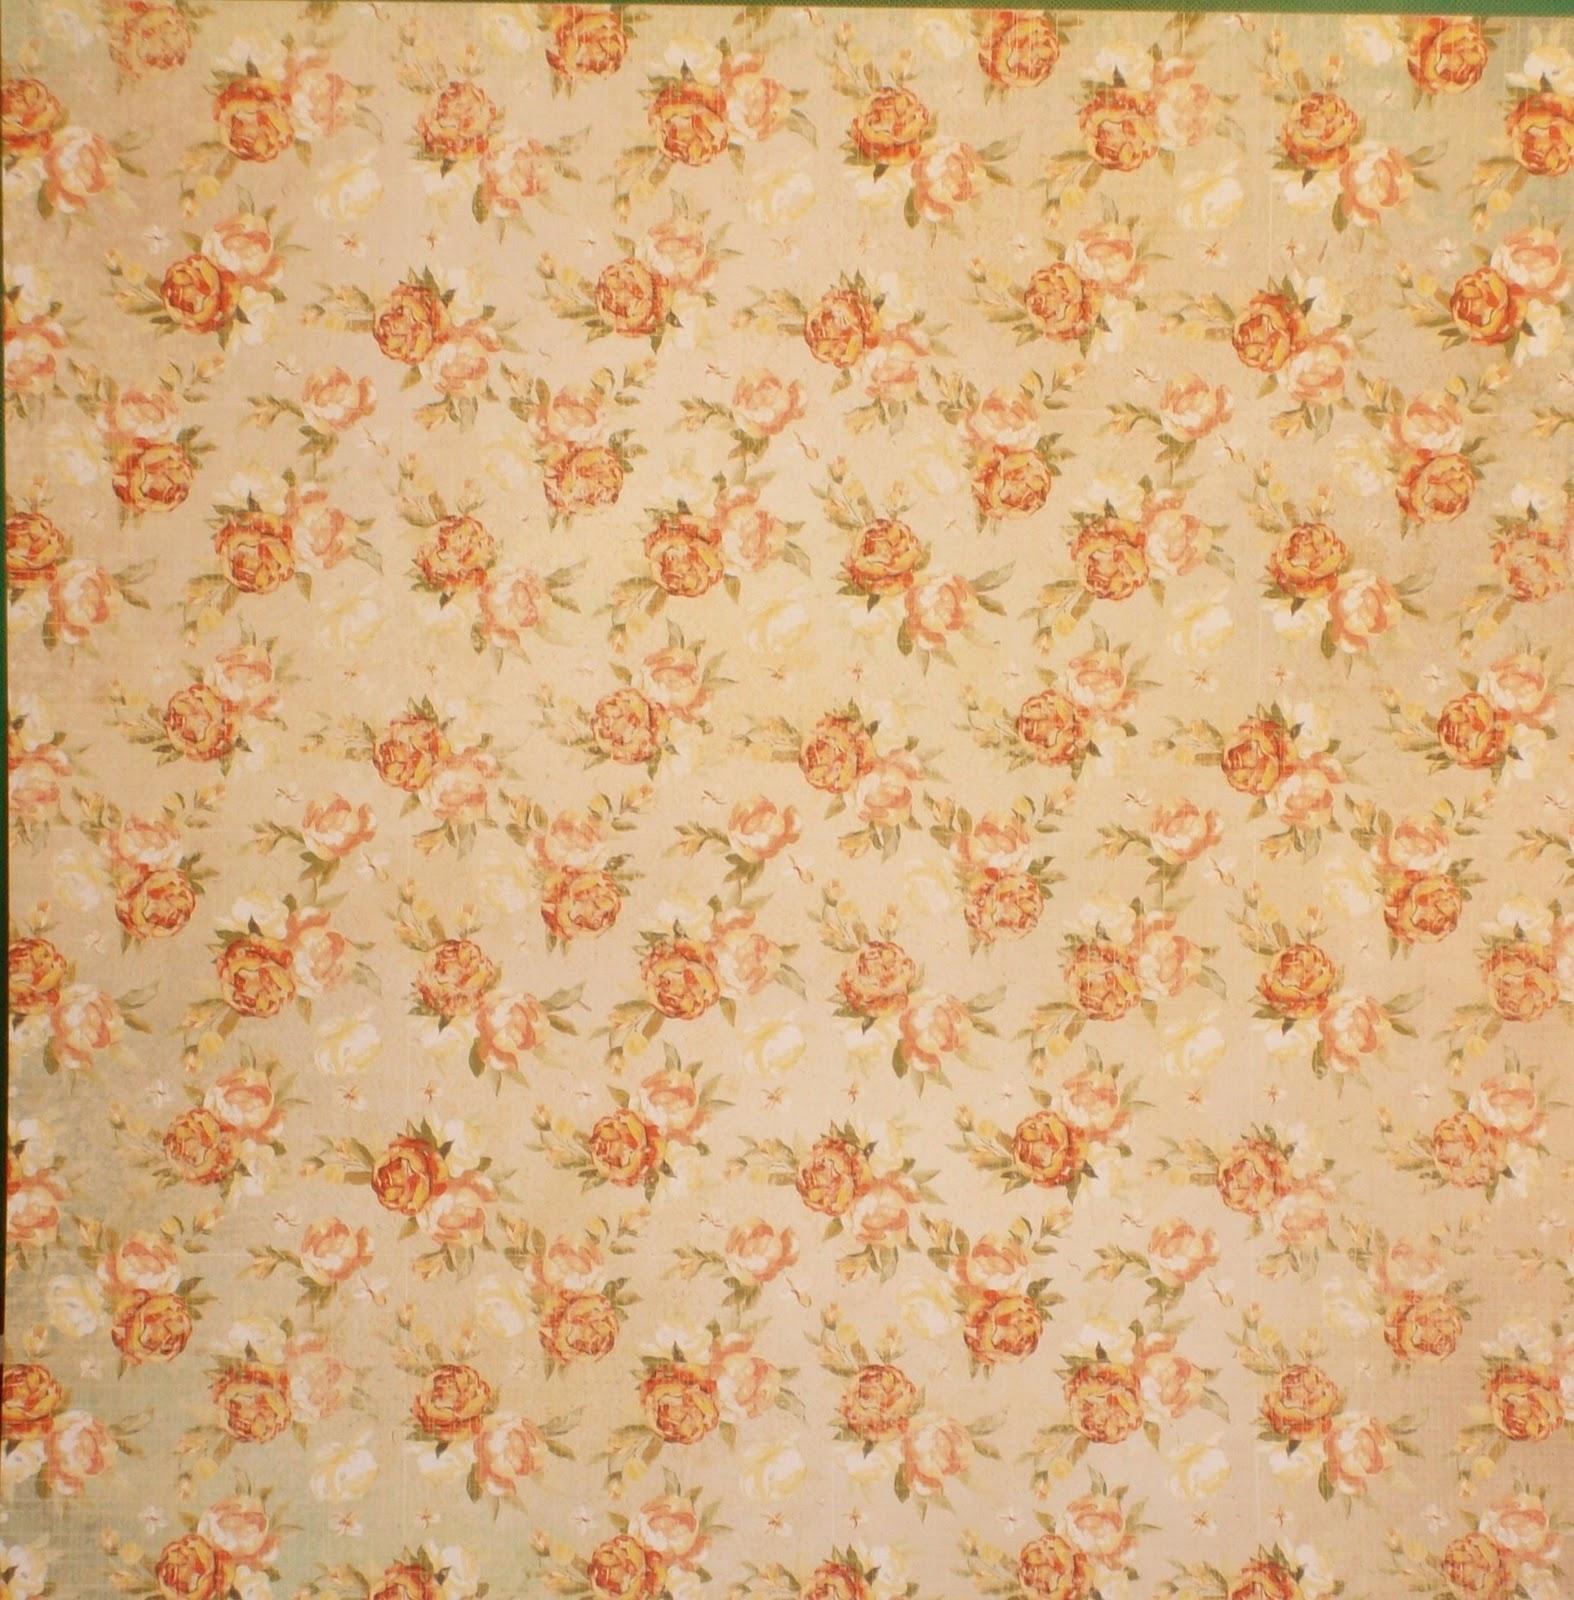 Papeles servilletas y telas de tere papel vintage 016 - Papeles y telas ...